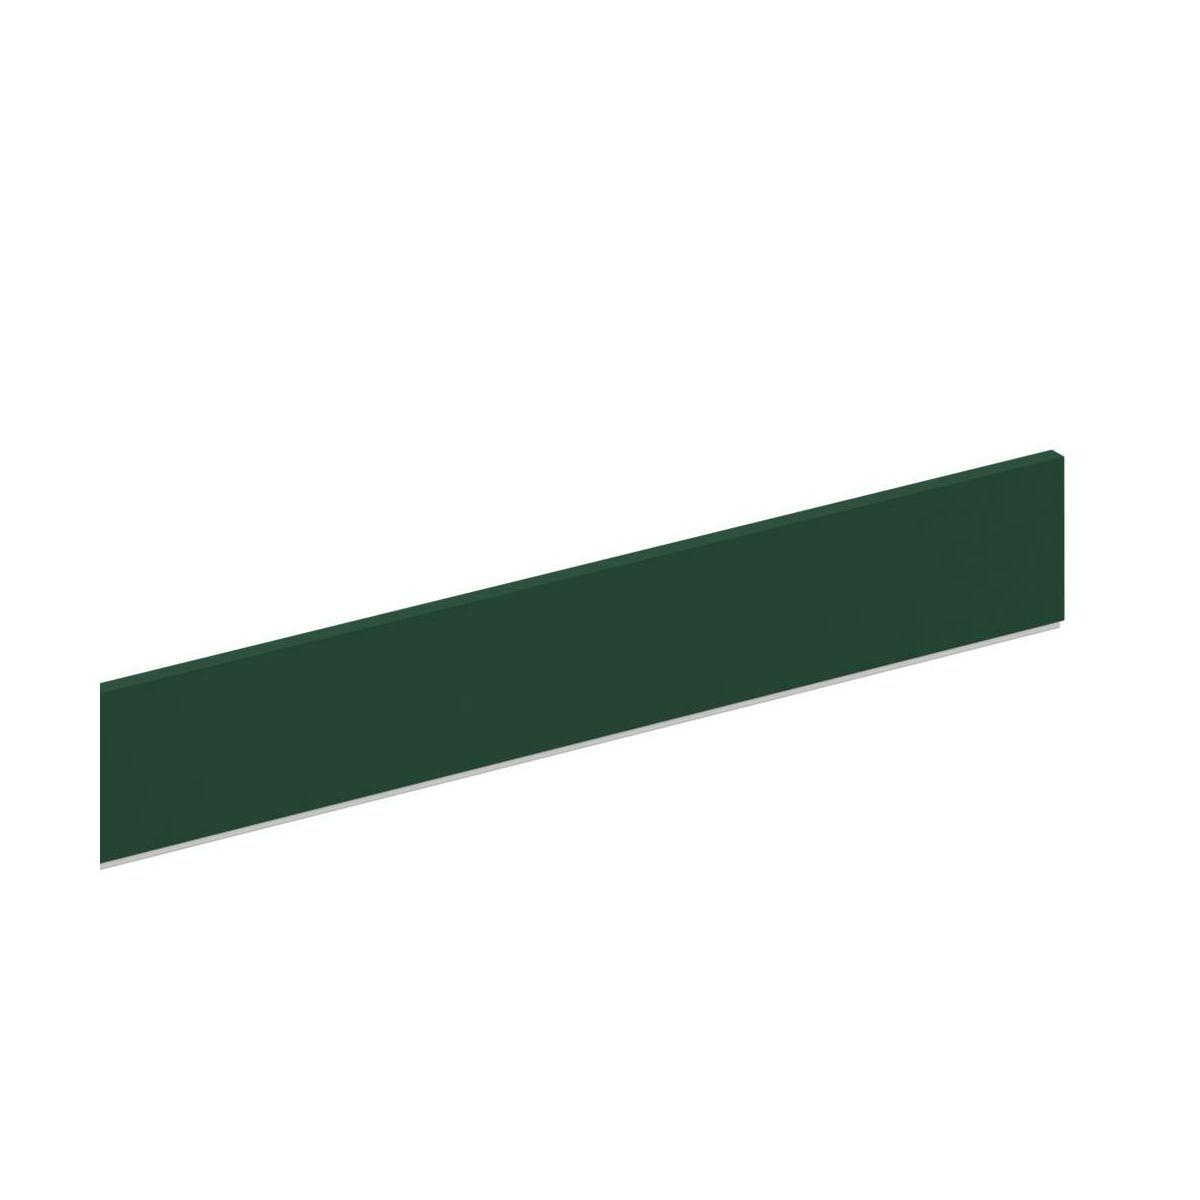 Cokol Szafki Kuchennej 240 X 10 Cm Zielony Delinia Id Fronty Kuchenne Delinia W Atrakcyjnej Cenie W Sklepach Leroy Merlin